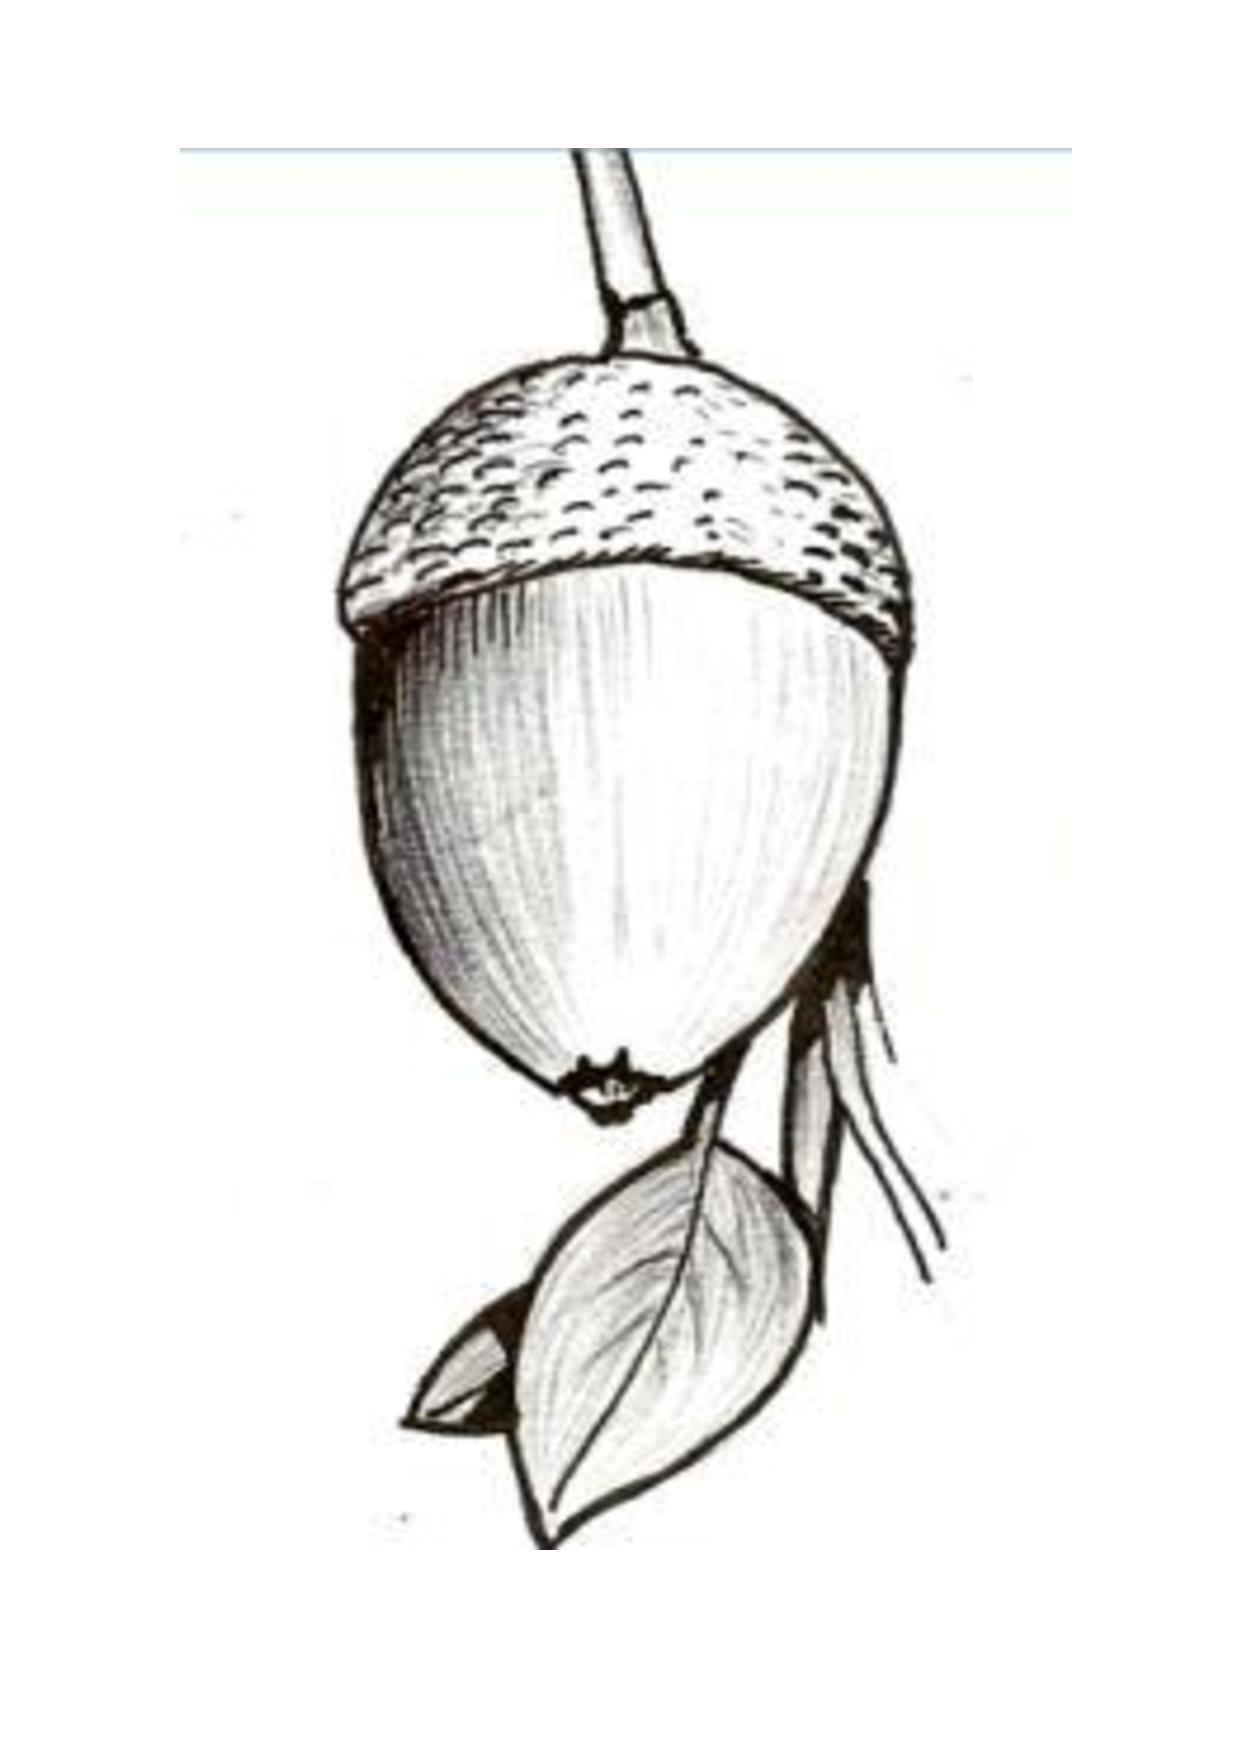 Ficheiro:Bolota, fruto do carvalho. Suas sementes serviam